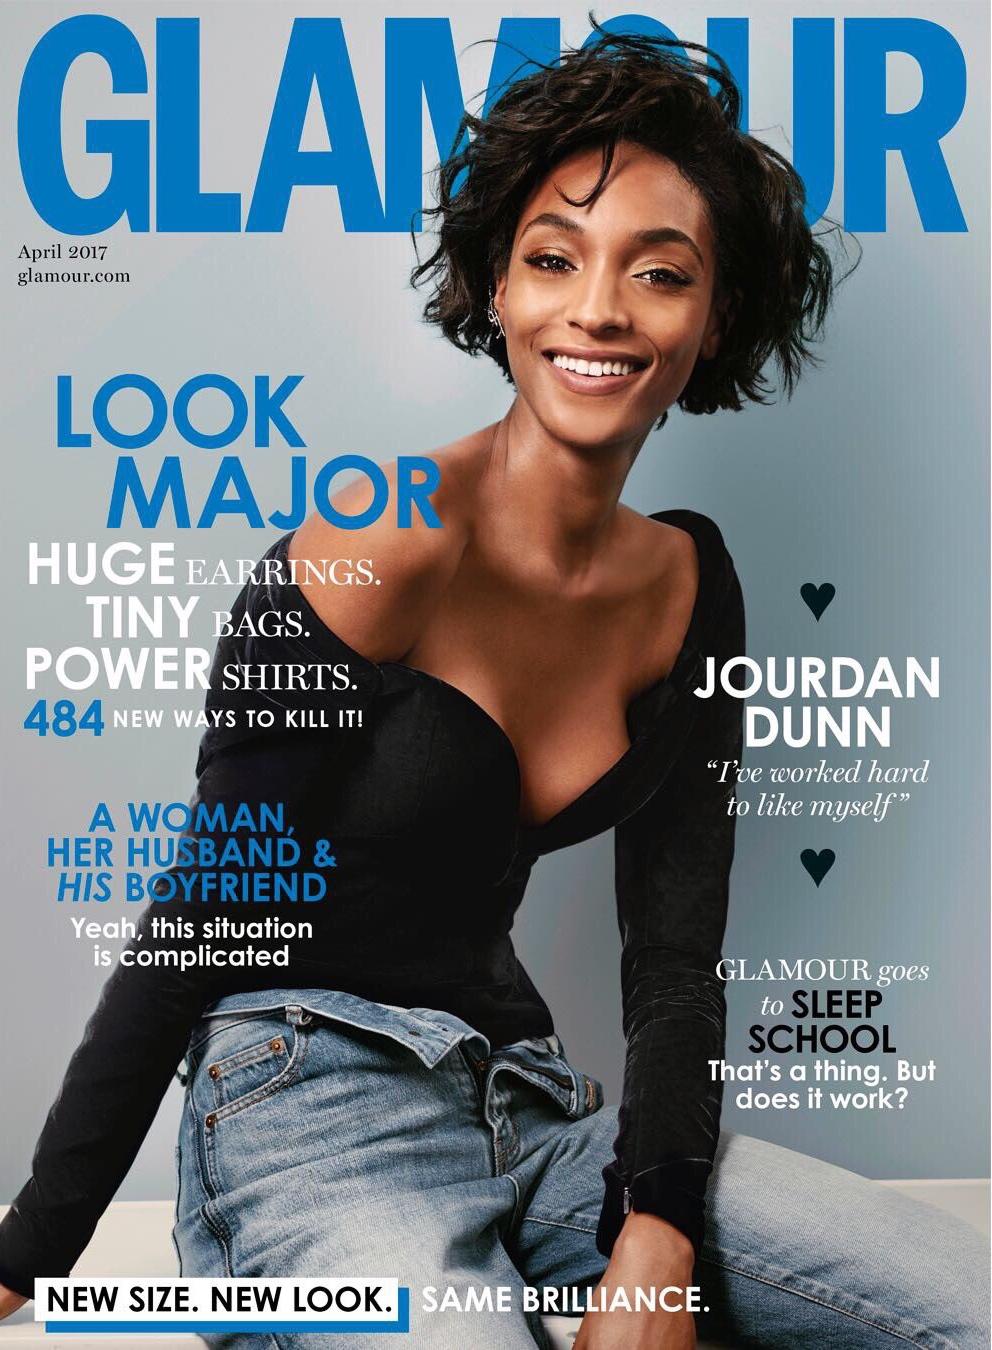 Fashion Magazine Excerpts